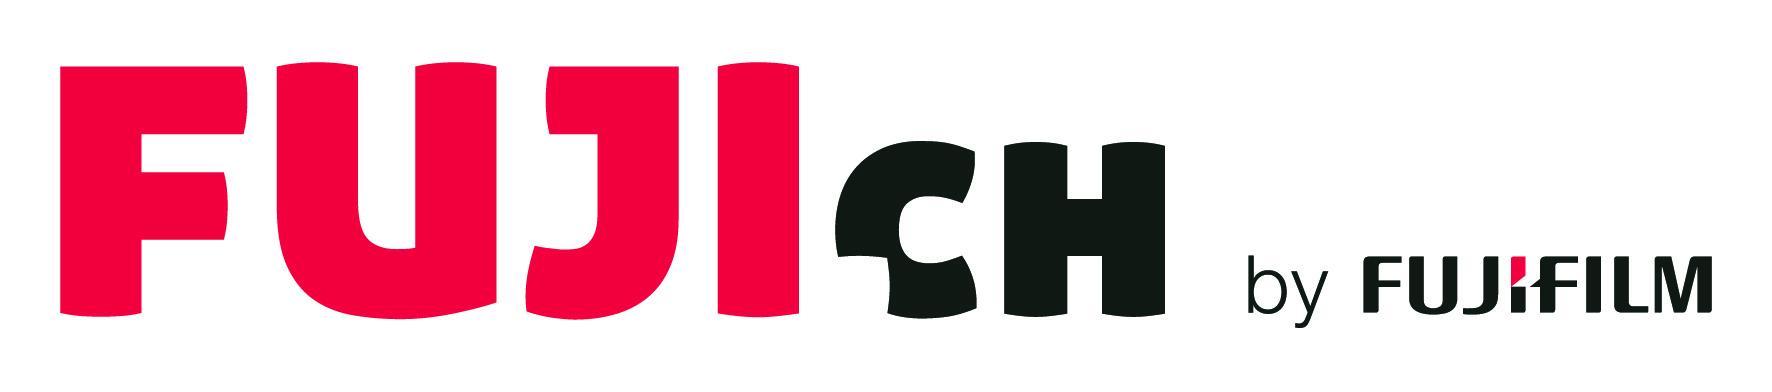 39208837_fuji.ch_by_fujifilm_red_black_pos_pantone.jpg